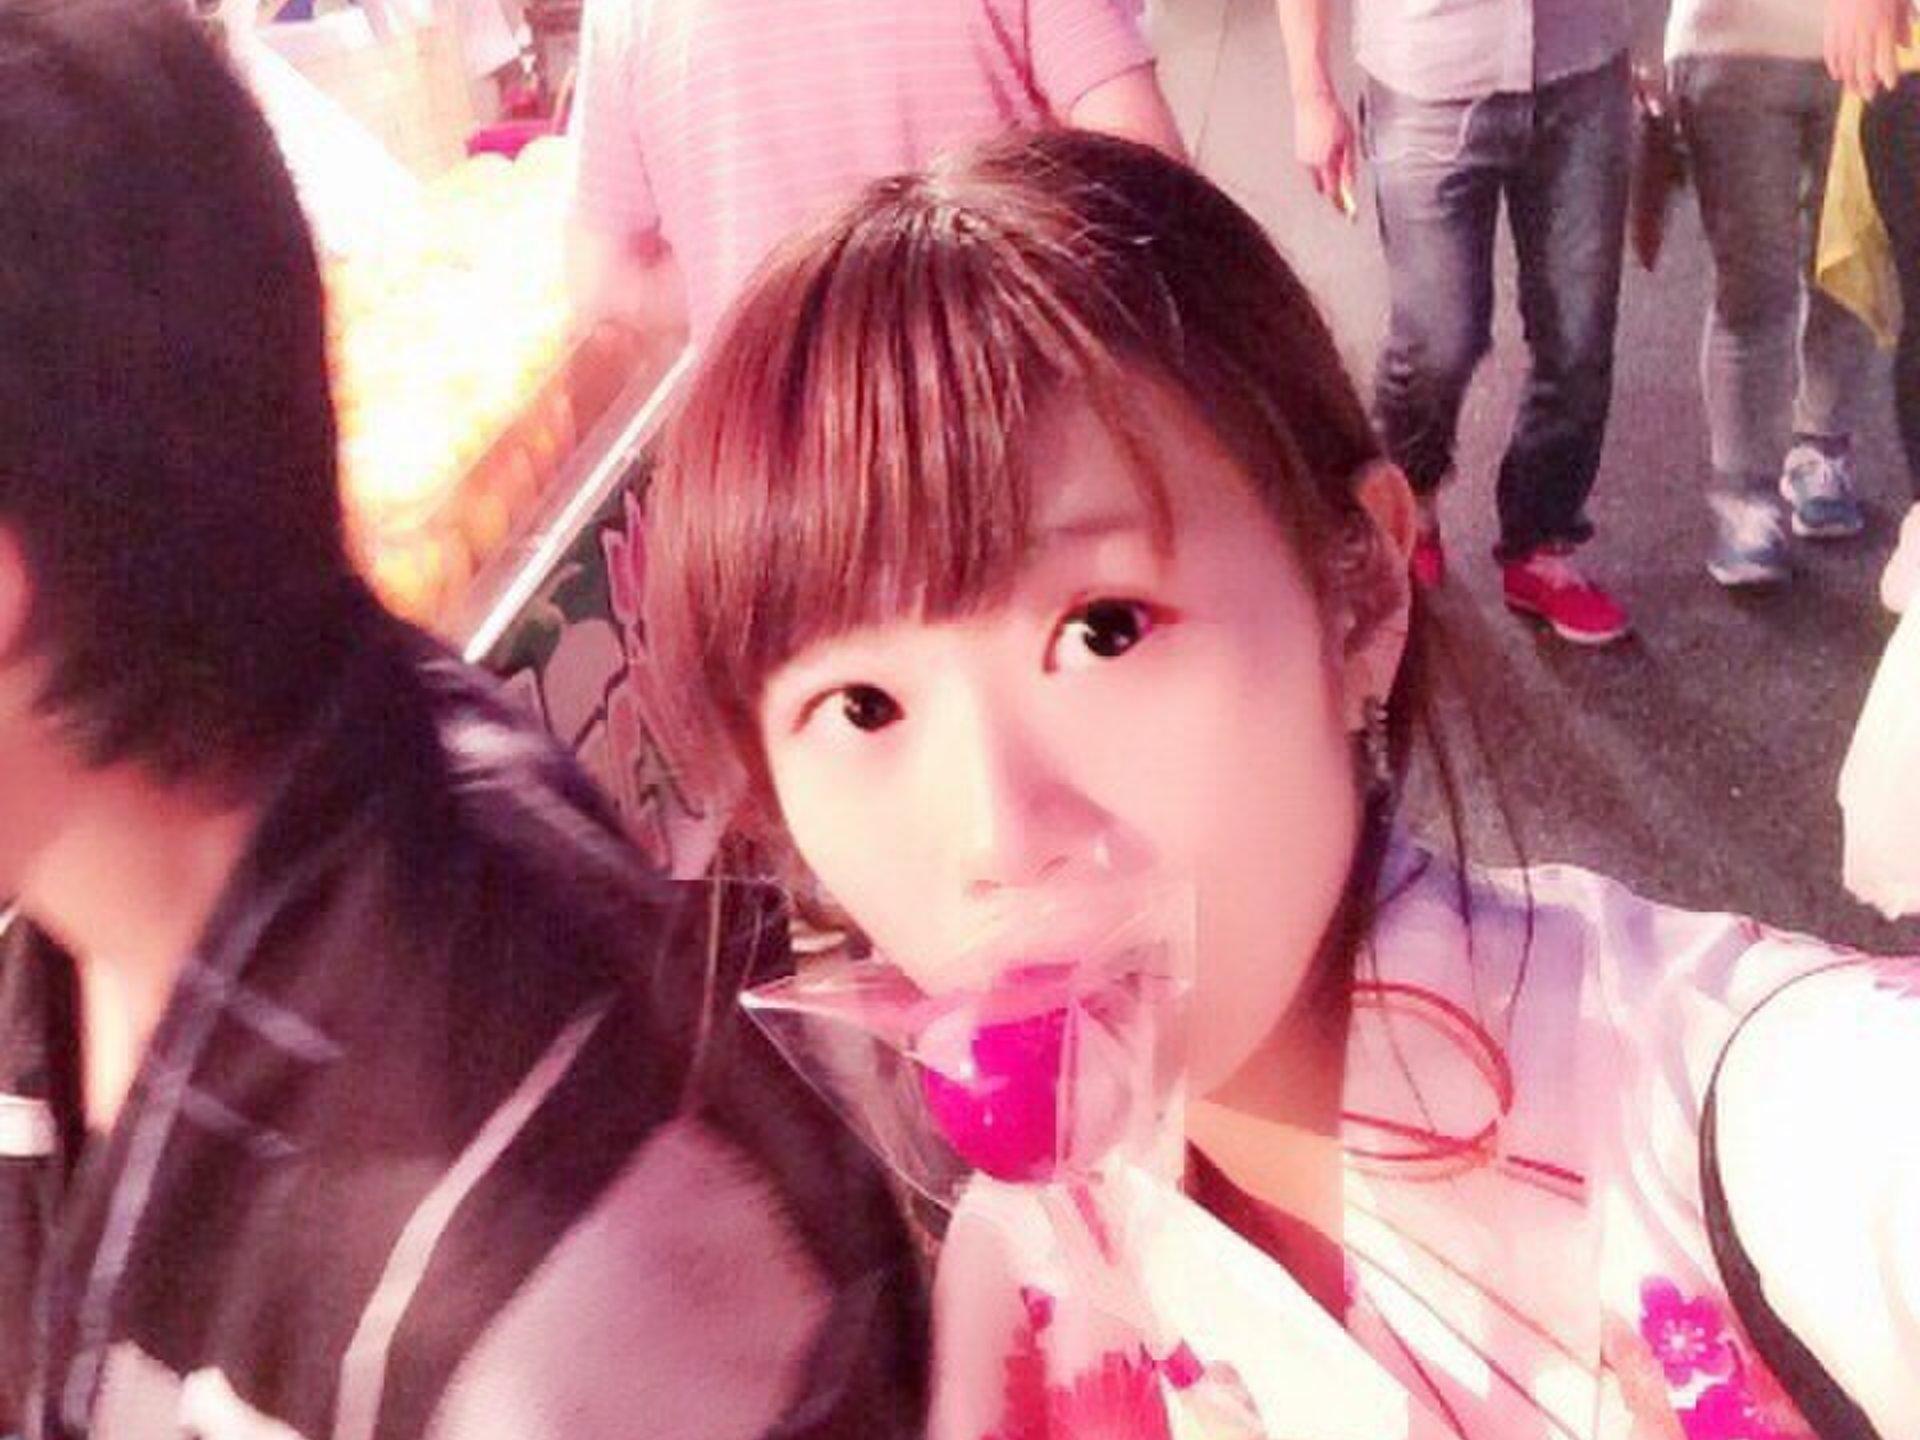 【8月8日は熊谷花火大会で浴衣デート】500の屋台!?この夏絶対に行きたい熊谷花火をご紹介します♡